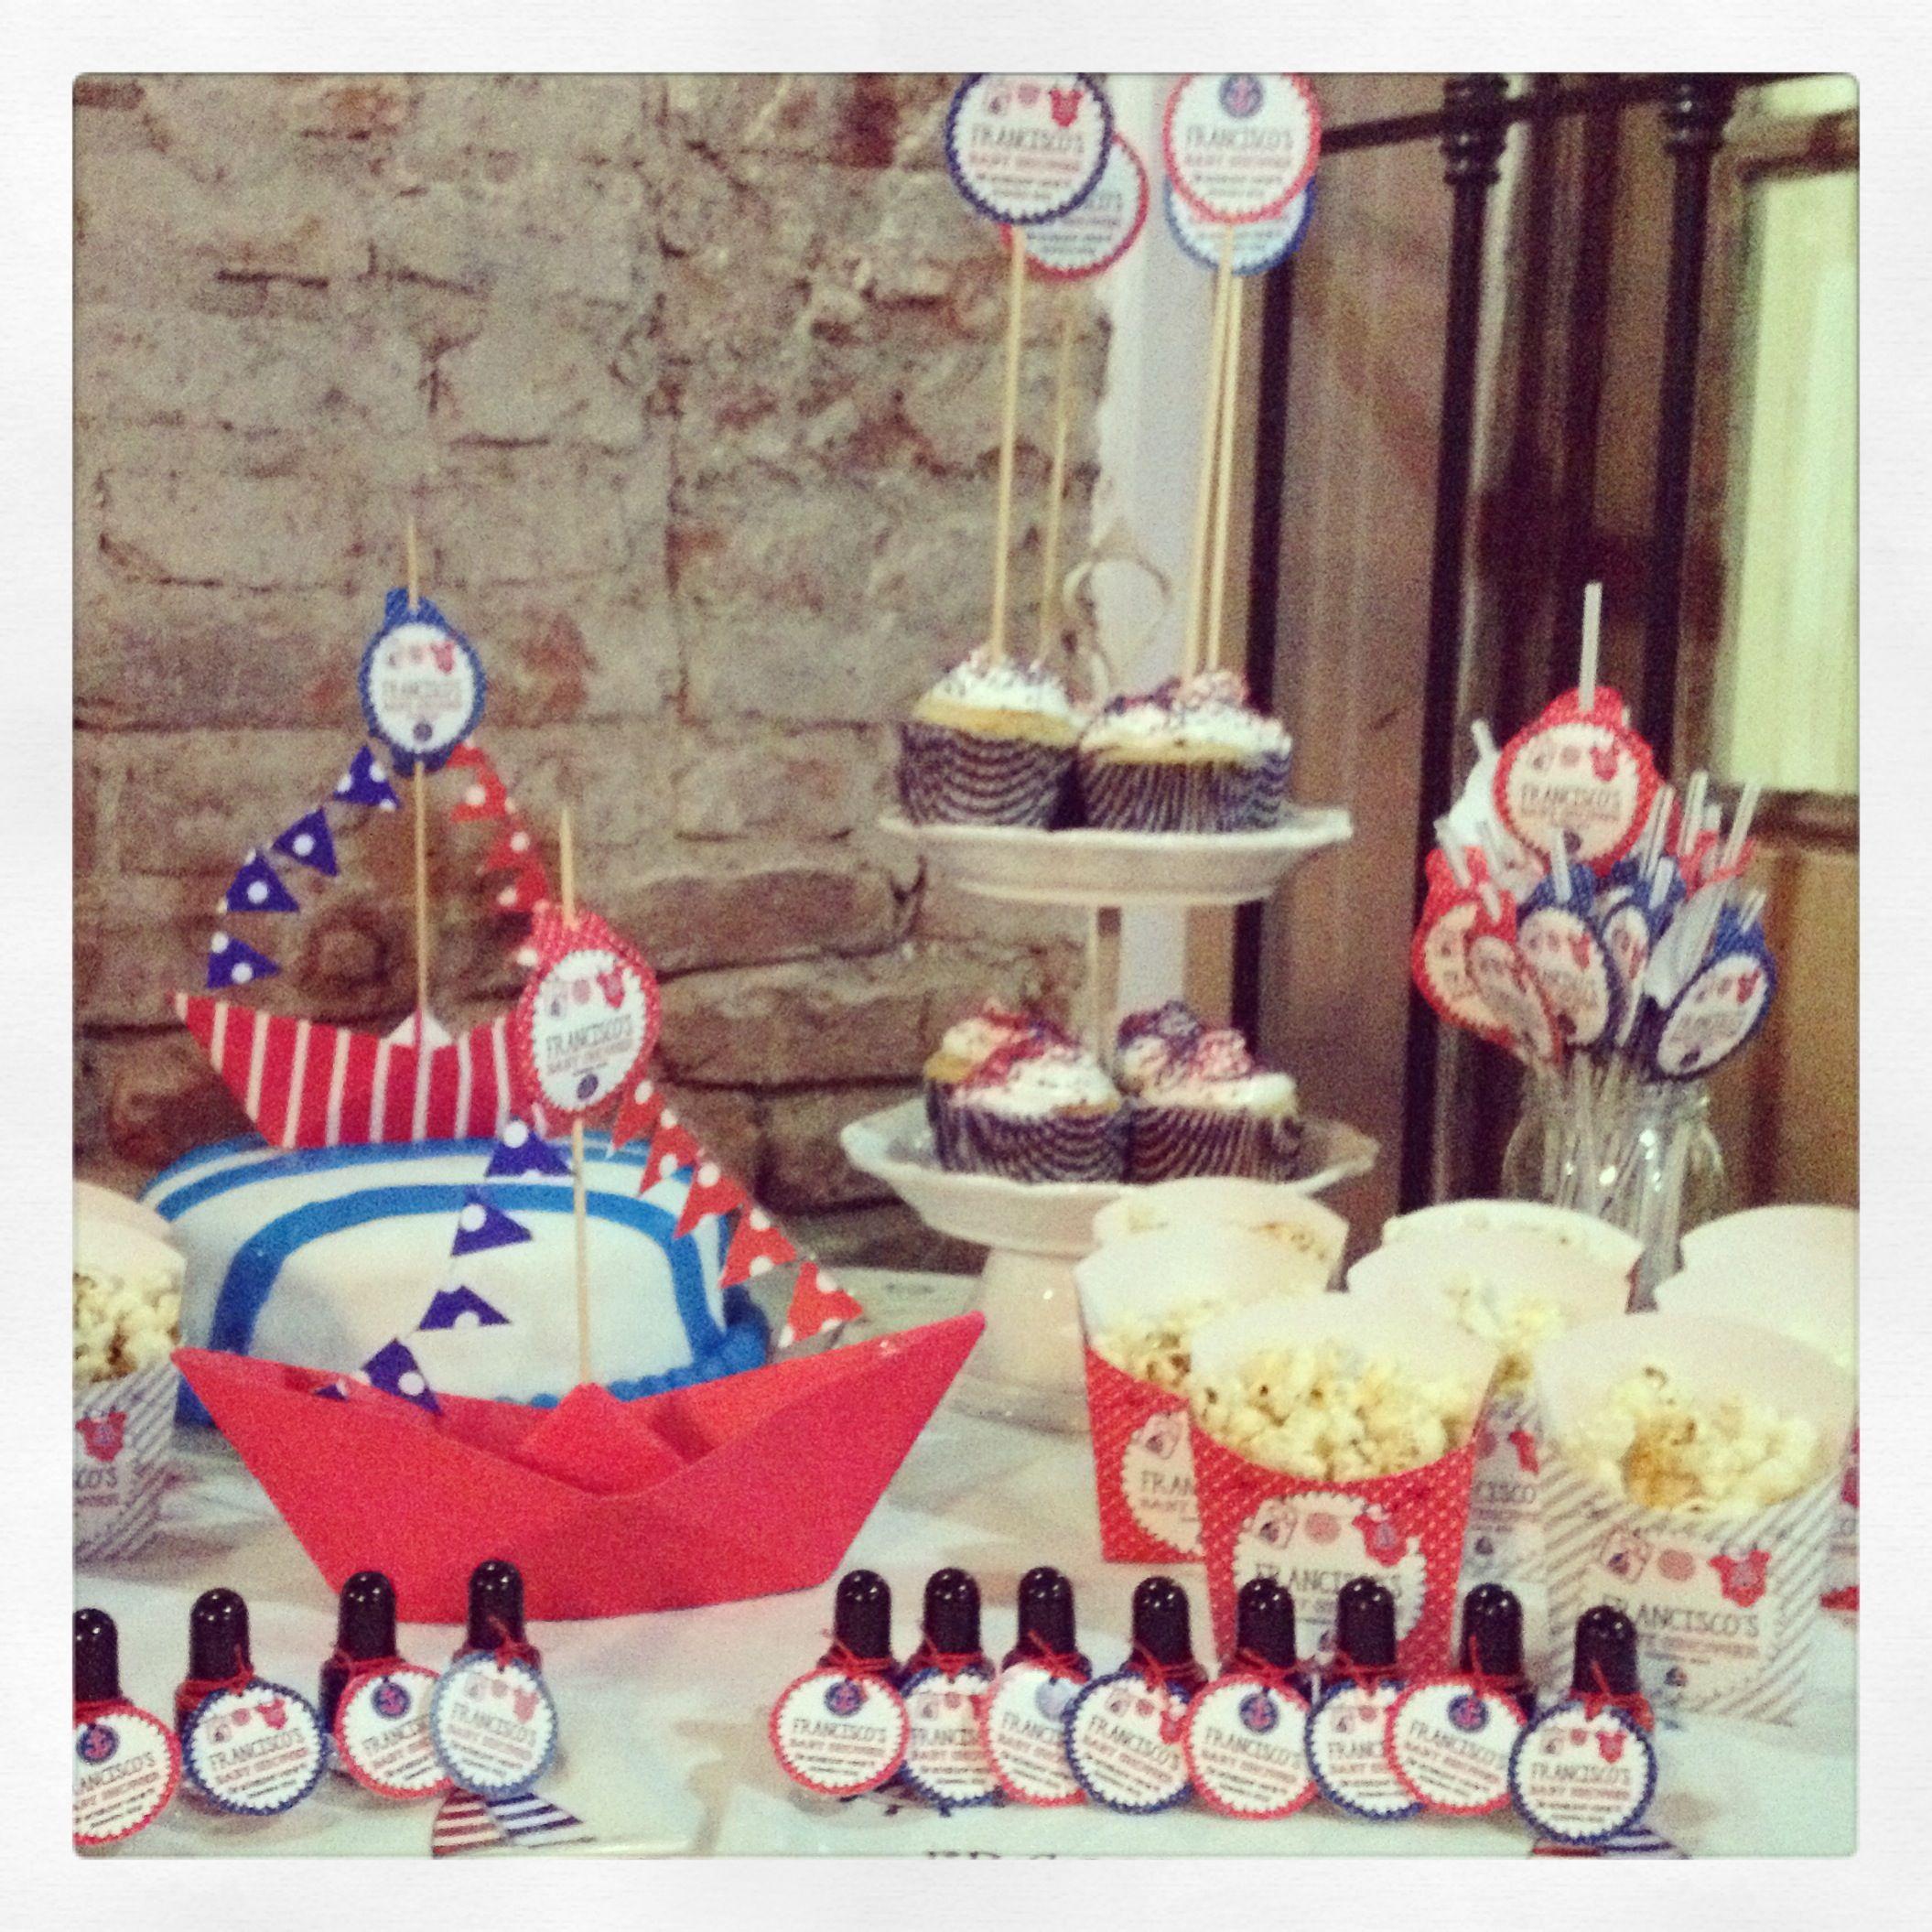 Baby shower mesa de dulces!